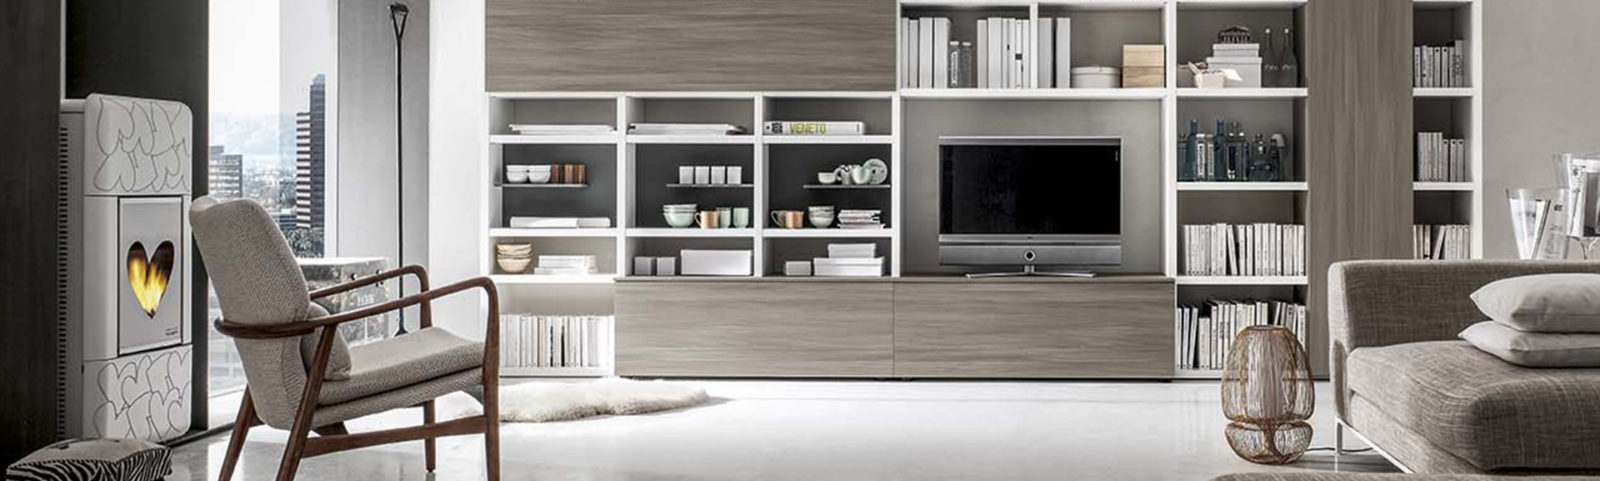 Mobili per soggiorno moderni a padova mobili arredamento for Mobili soggiorno padova